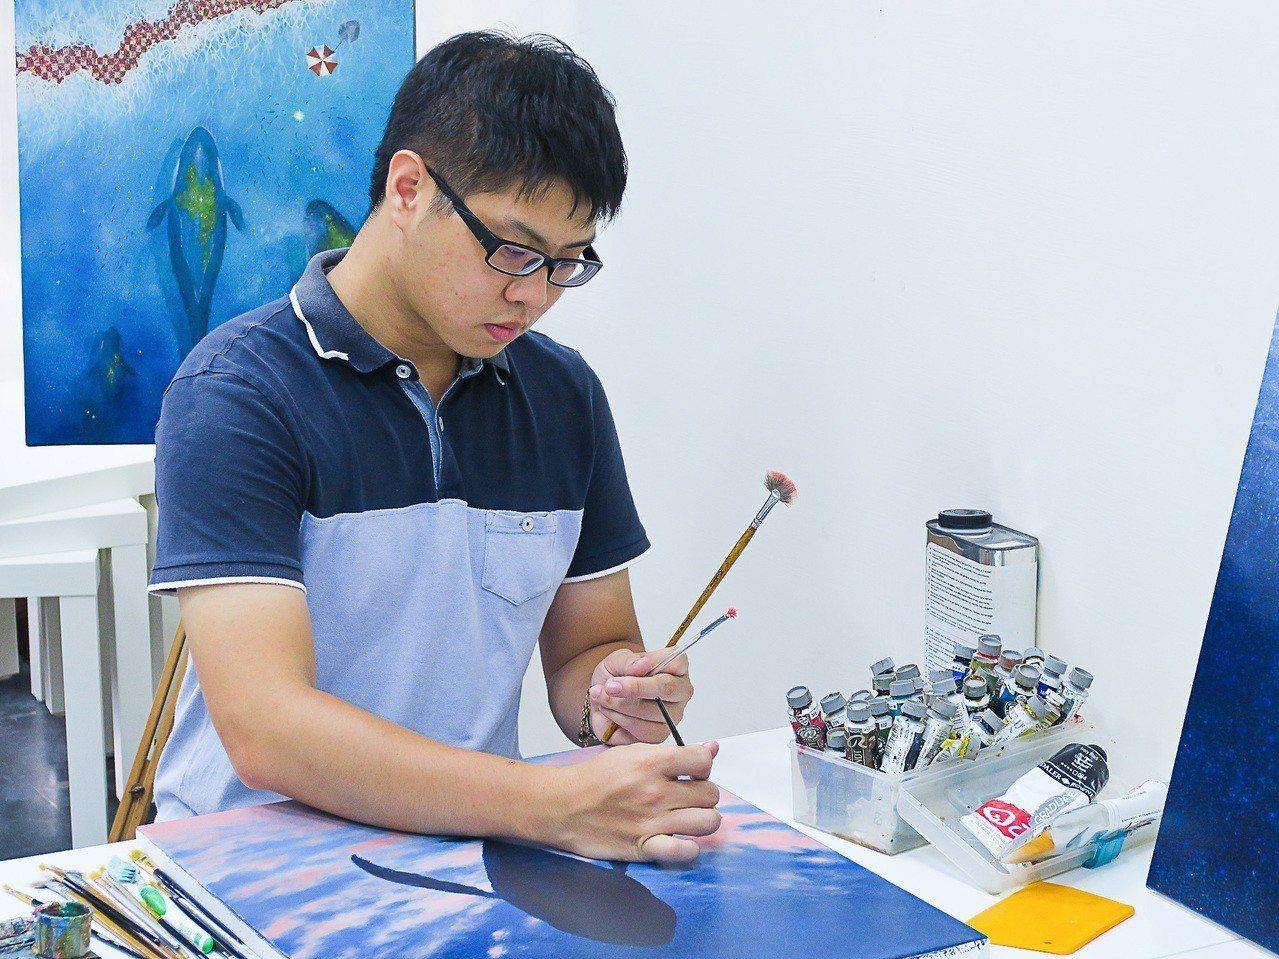 新銳藝術家賴岳宏是去年漾藝博的「紅點王」,作品受到藏者喜愛。記者徐如宜/攝影